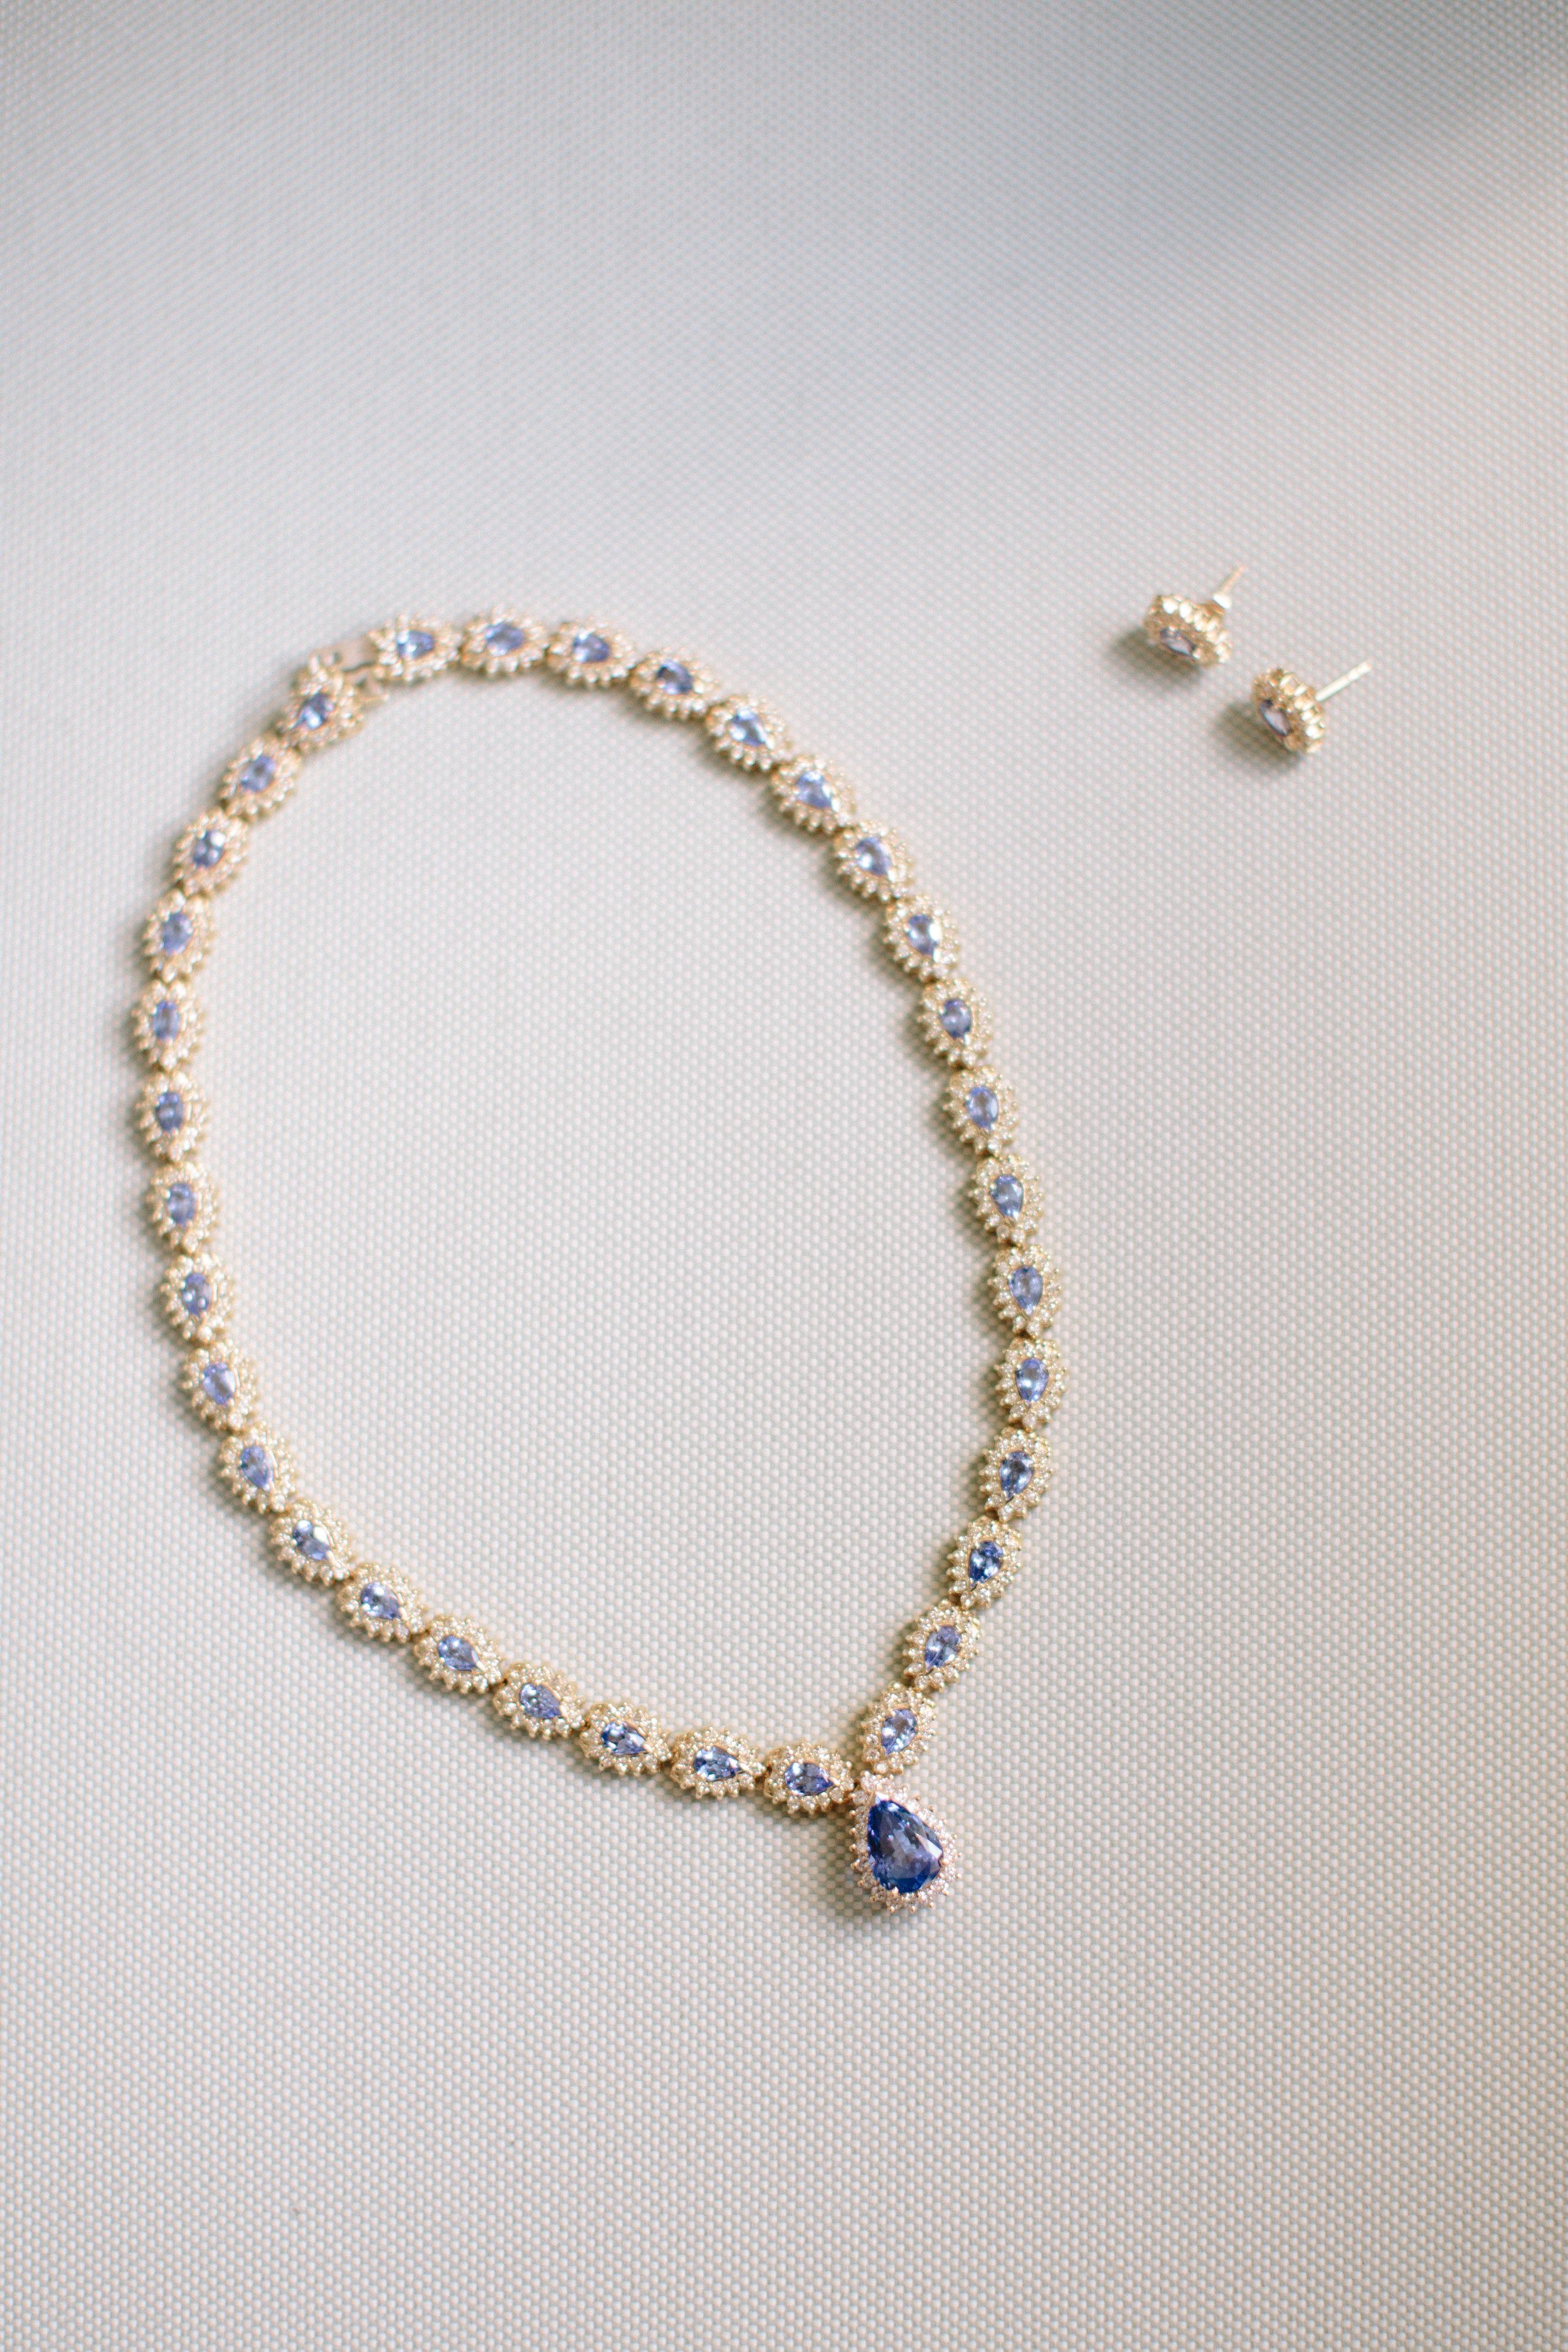 92099-dukegardensweddingdurhamnceventdesignjewelrydukegardensweddingdurhamnceventdesignjewelry.jpg